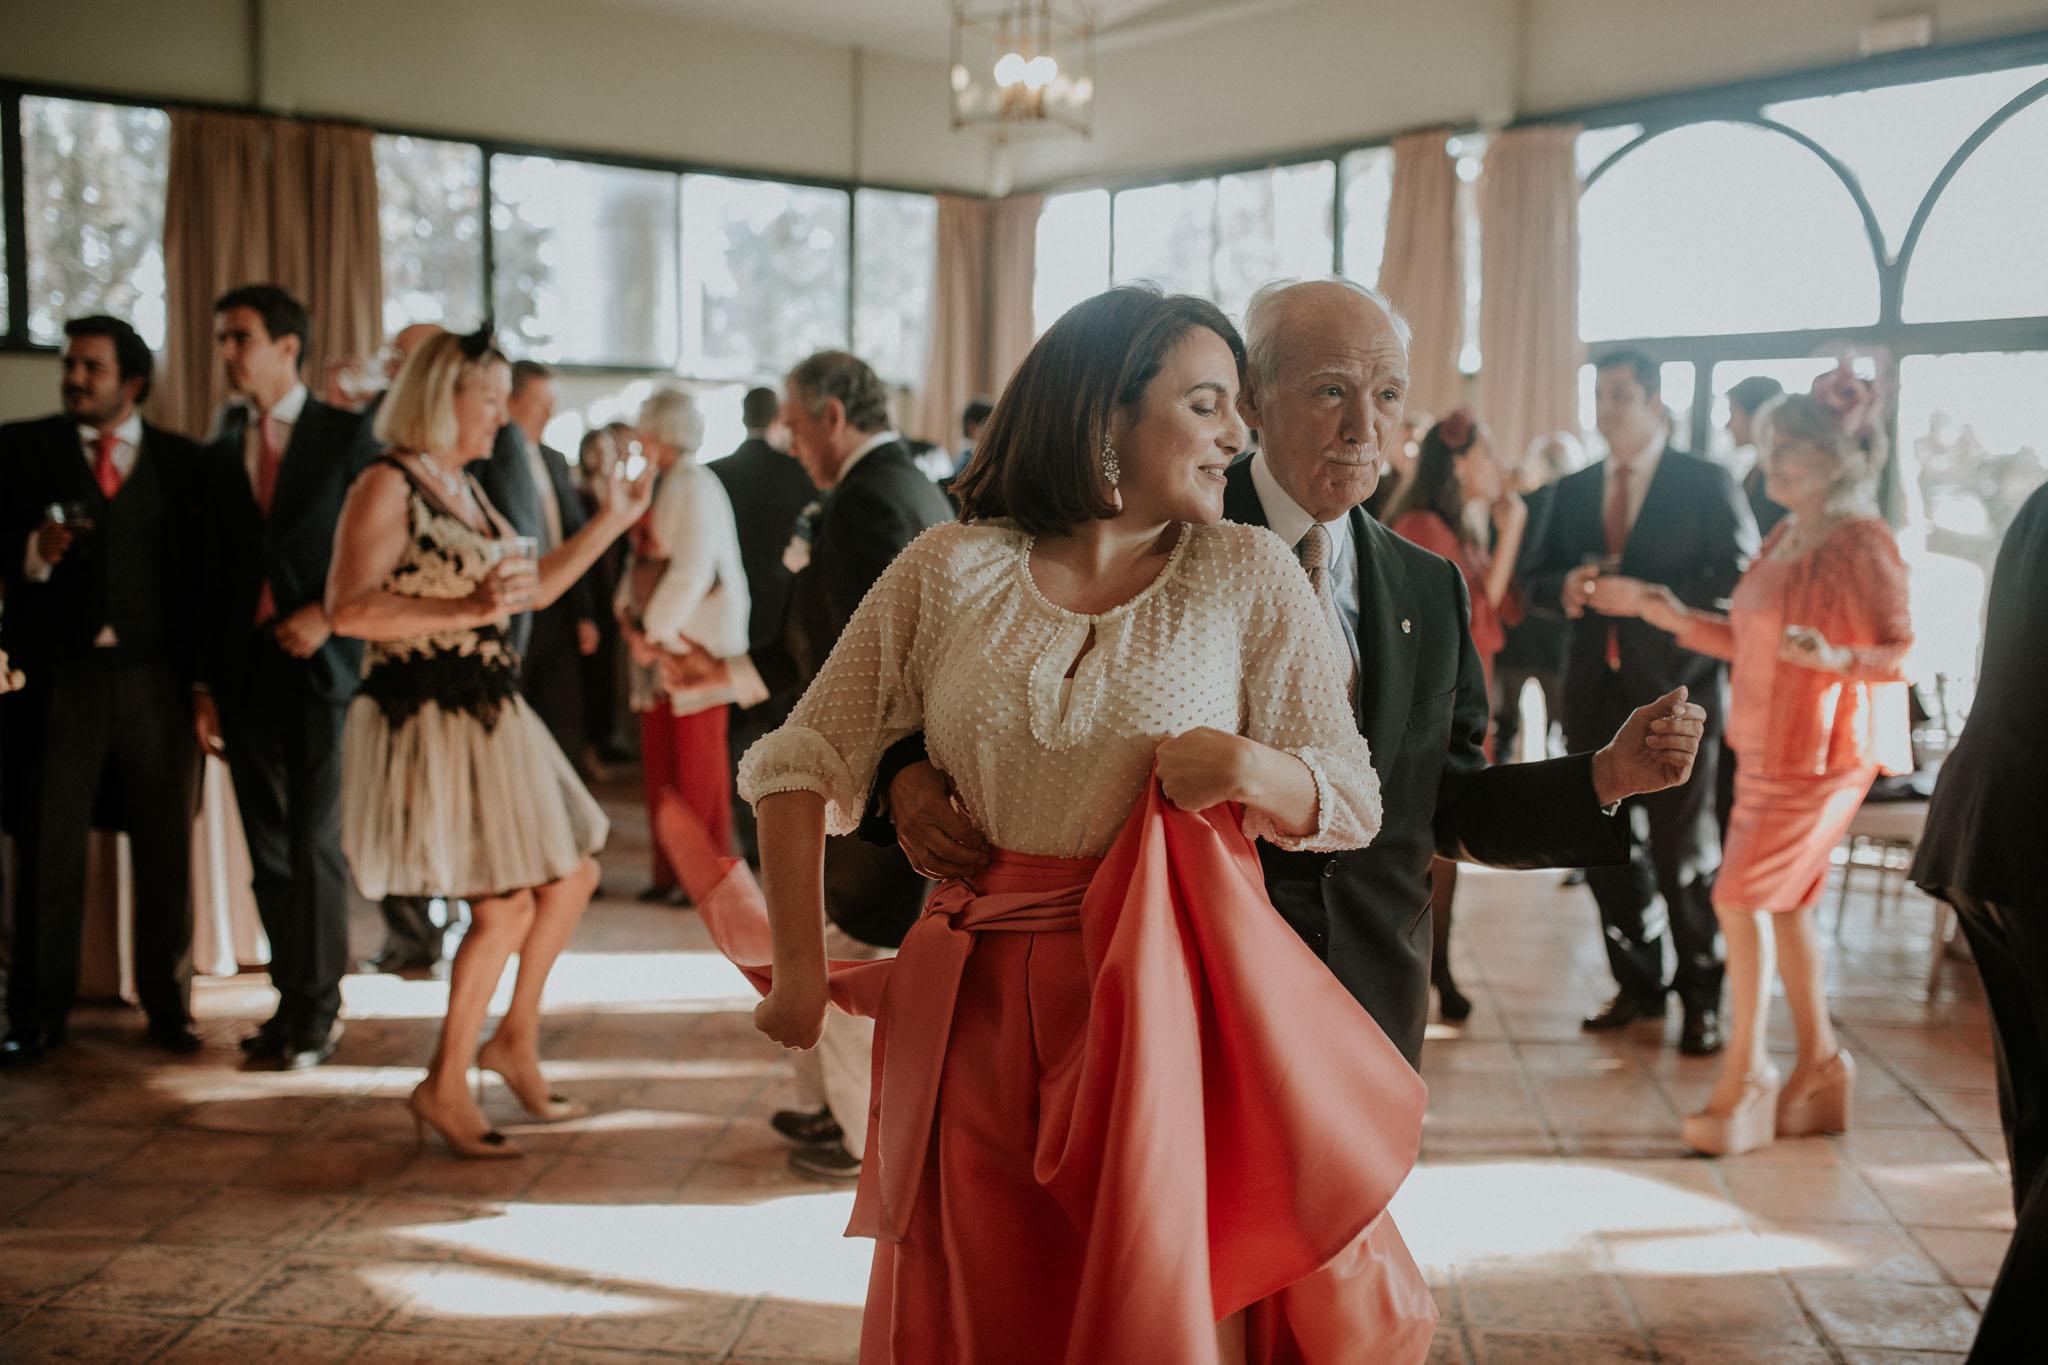 fotografia-boda-luguille-concorazon-136